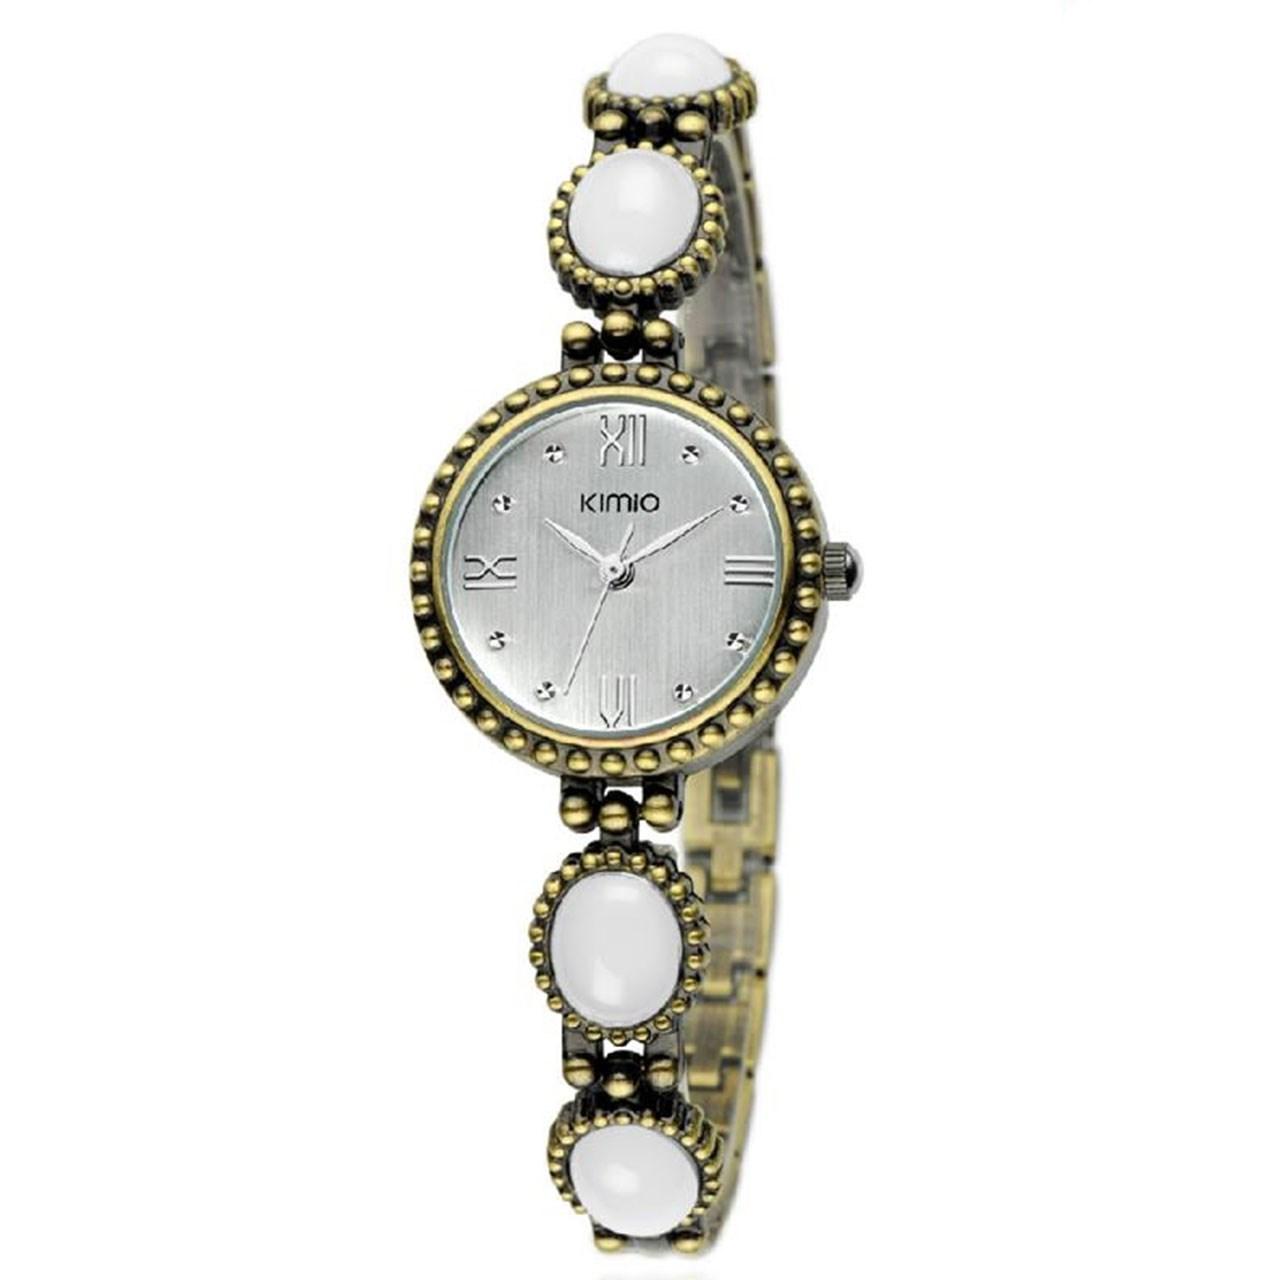 ساعت مچی عقربه ای زنانه کیمیو مدل K491S-WHITE